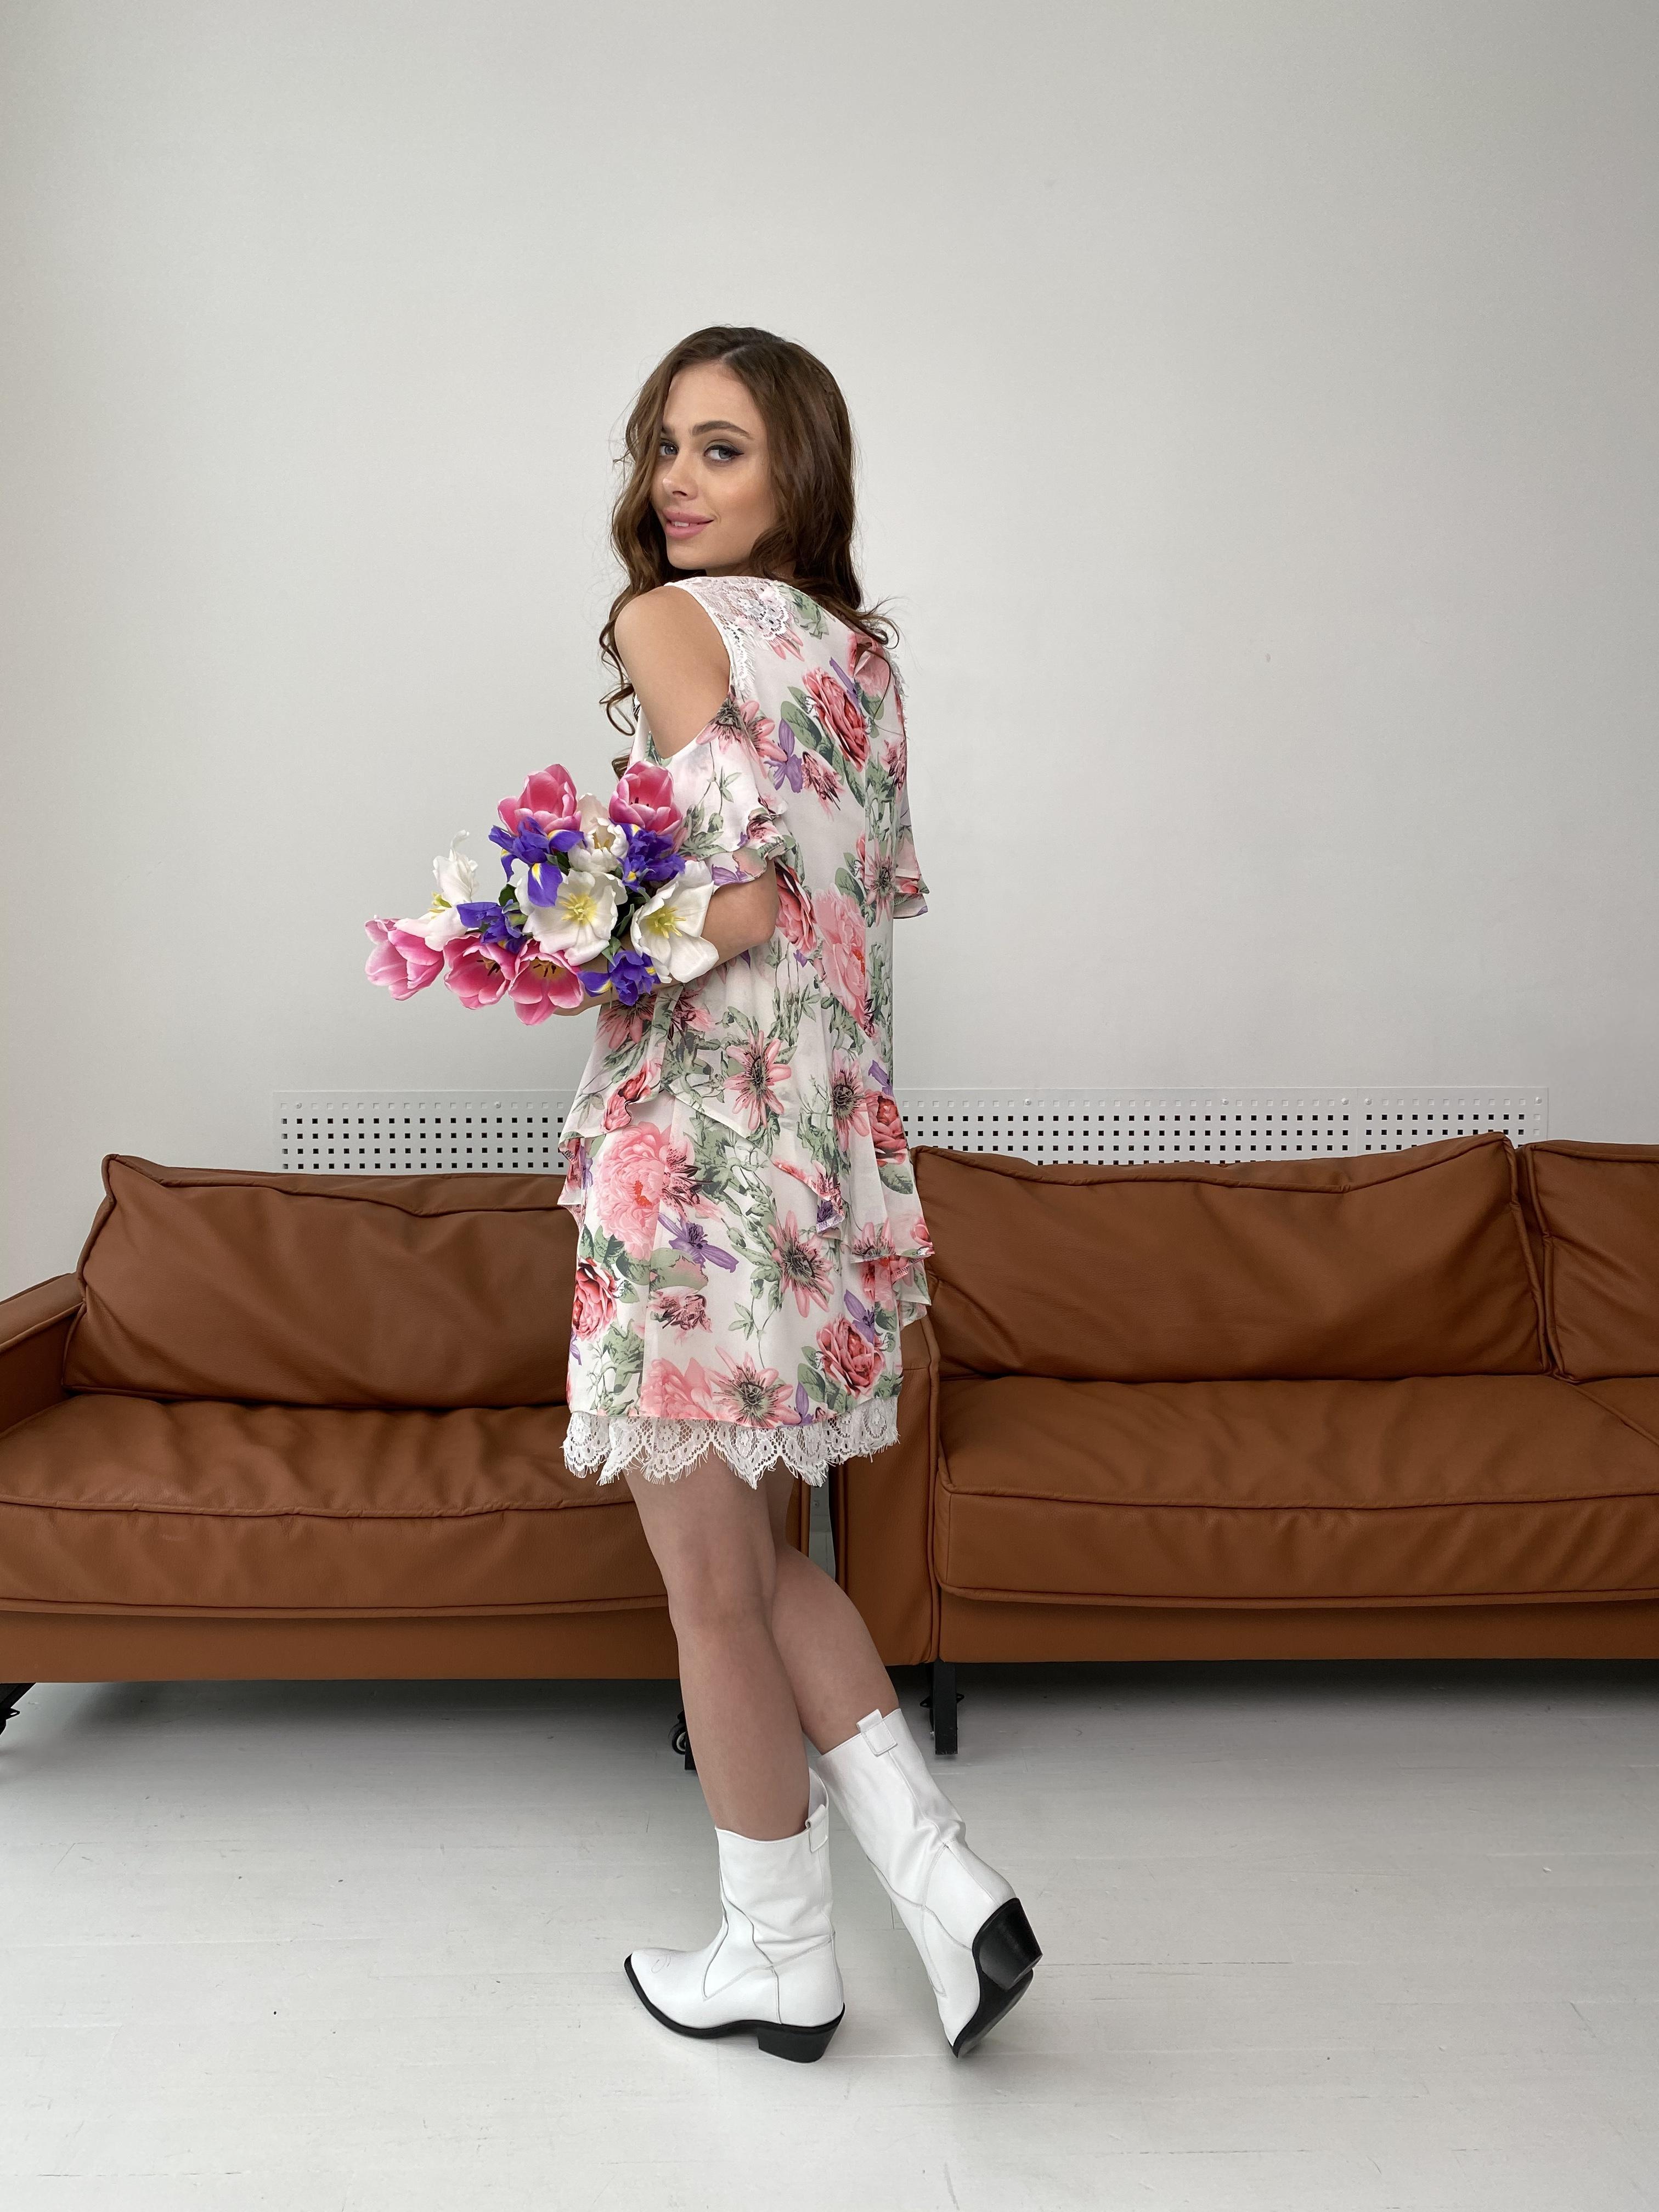 Вито платье из шифона 6945 АРТ. 42410 Цвет: Цветы комби беж - фото 4, интернет магазин tm-modus.ru